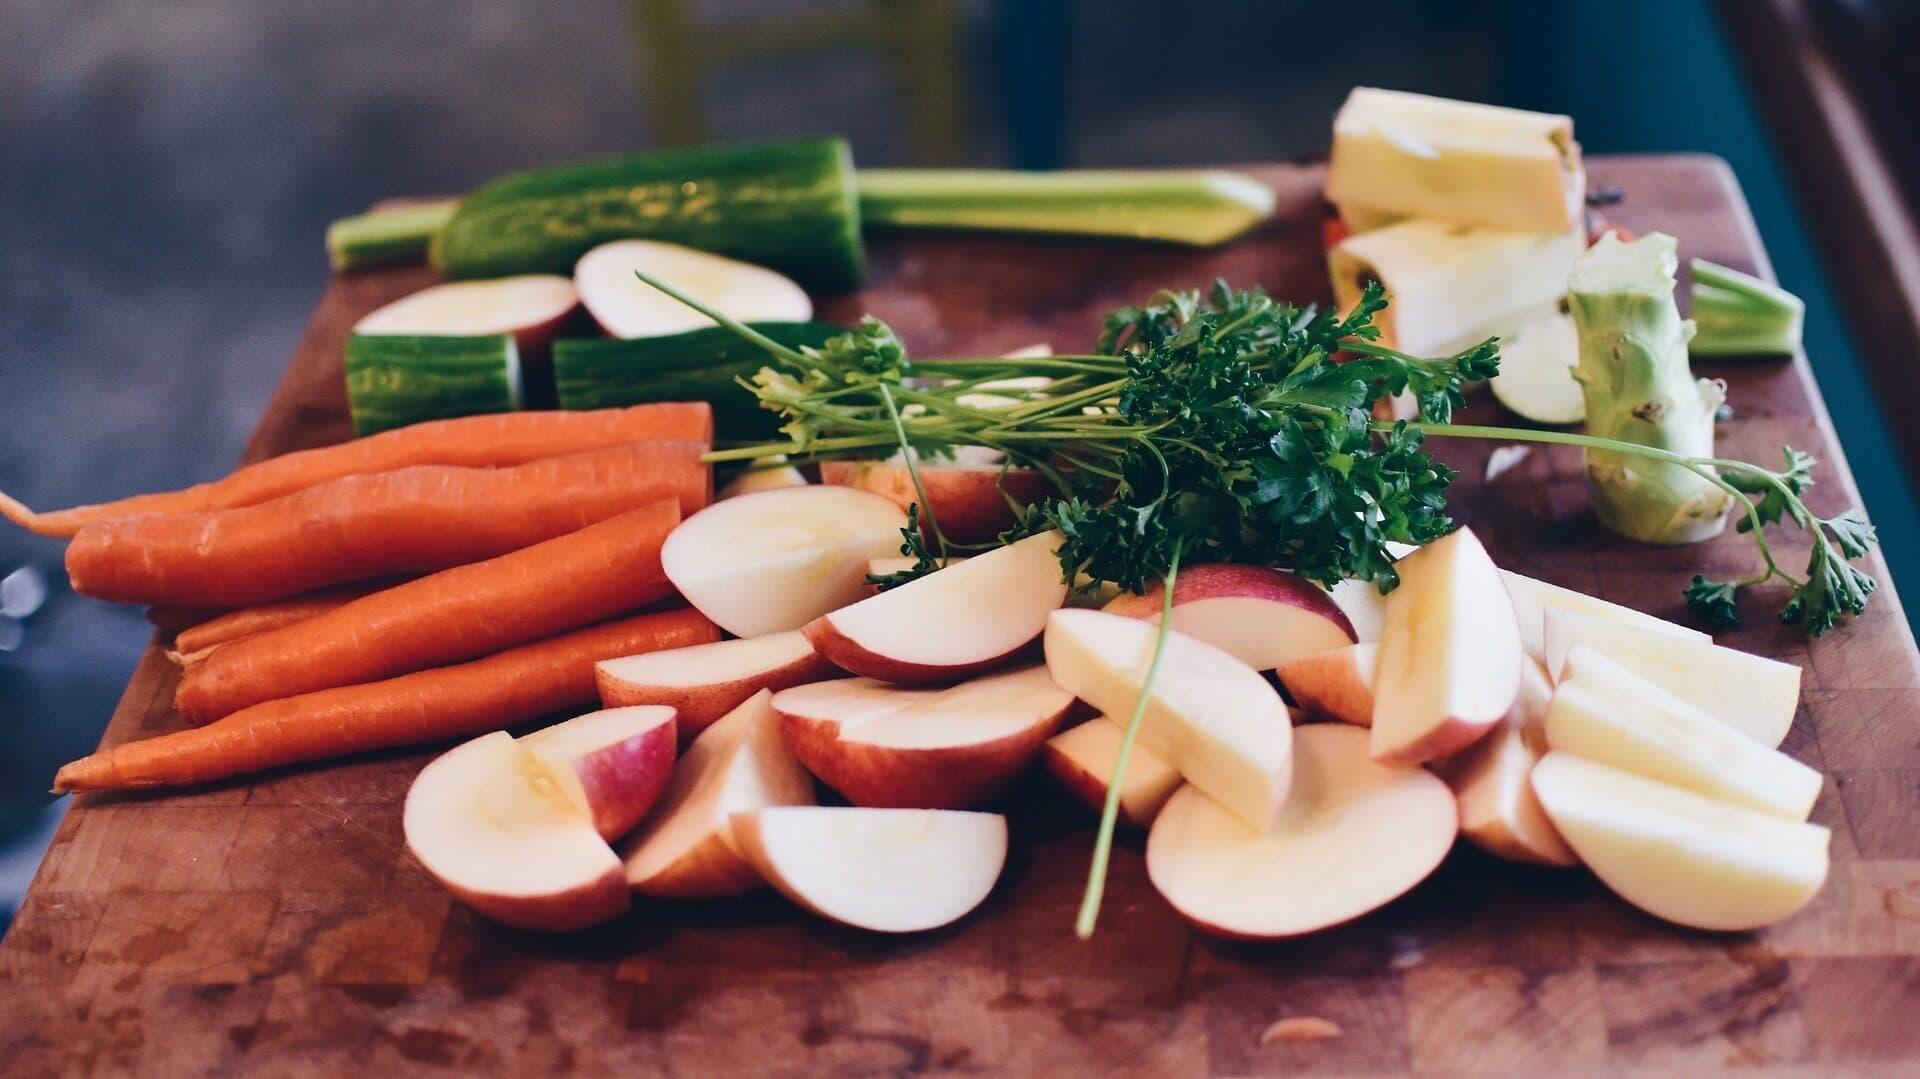 Obst und Gemüse, geschnitten, auf einem Brett